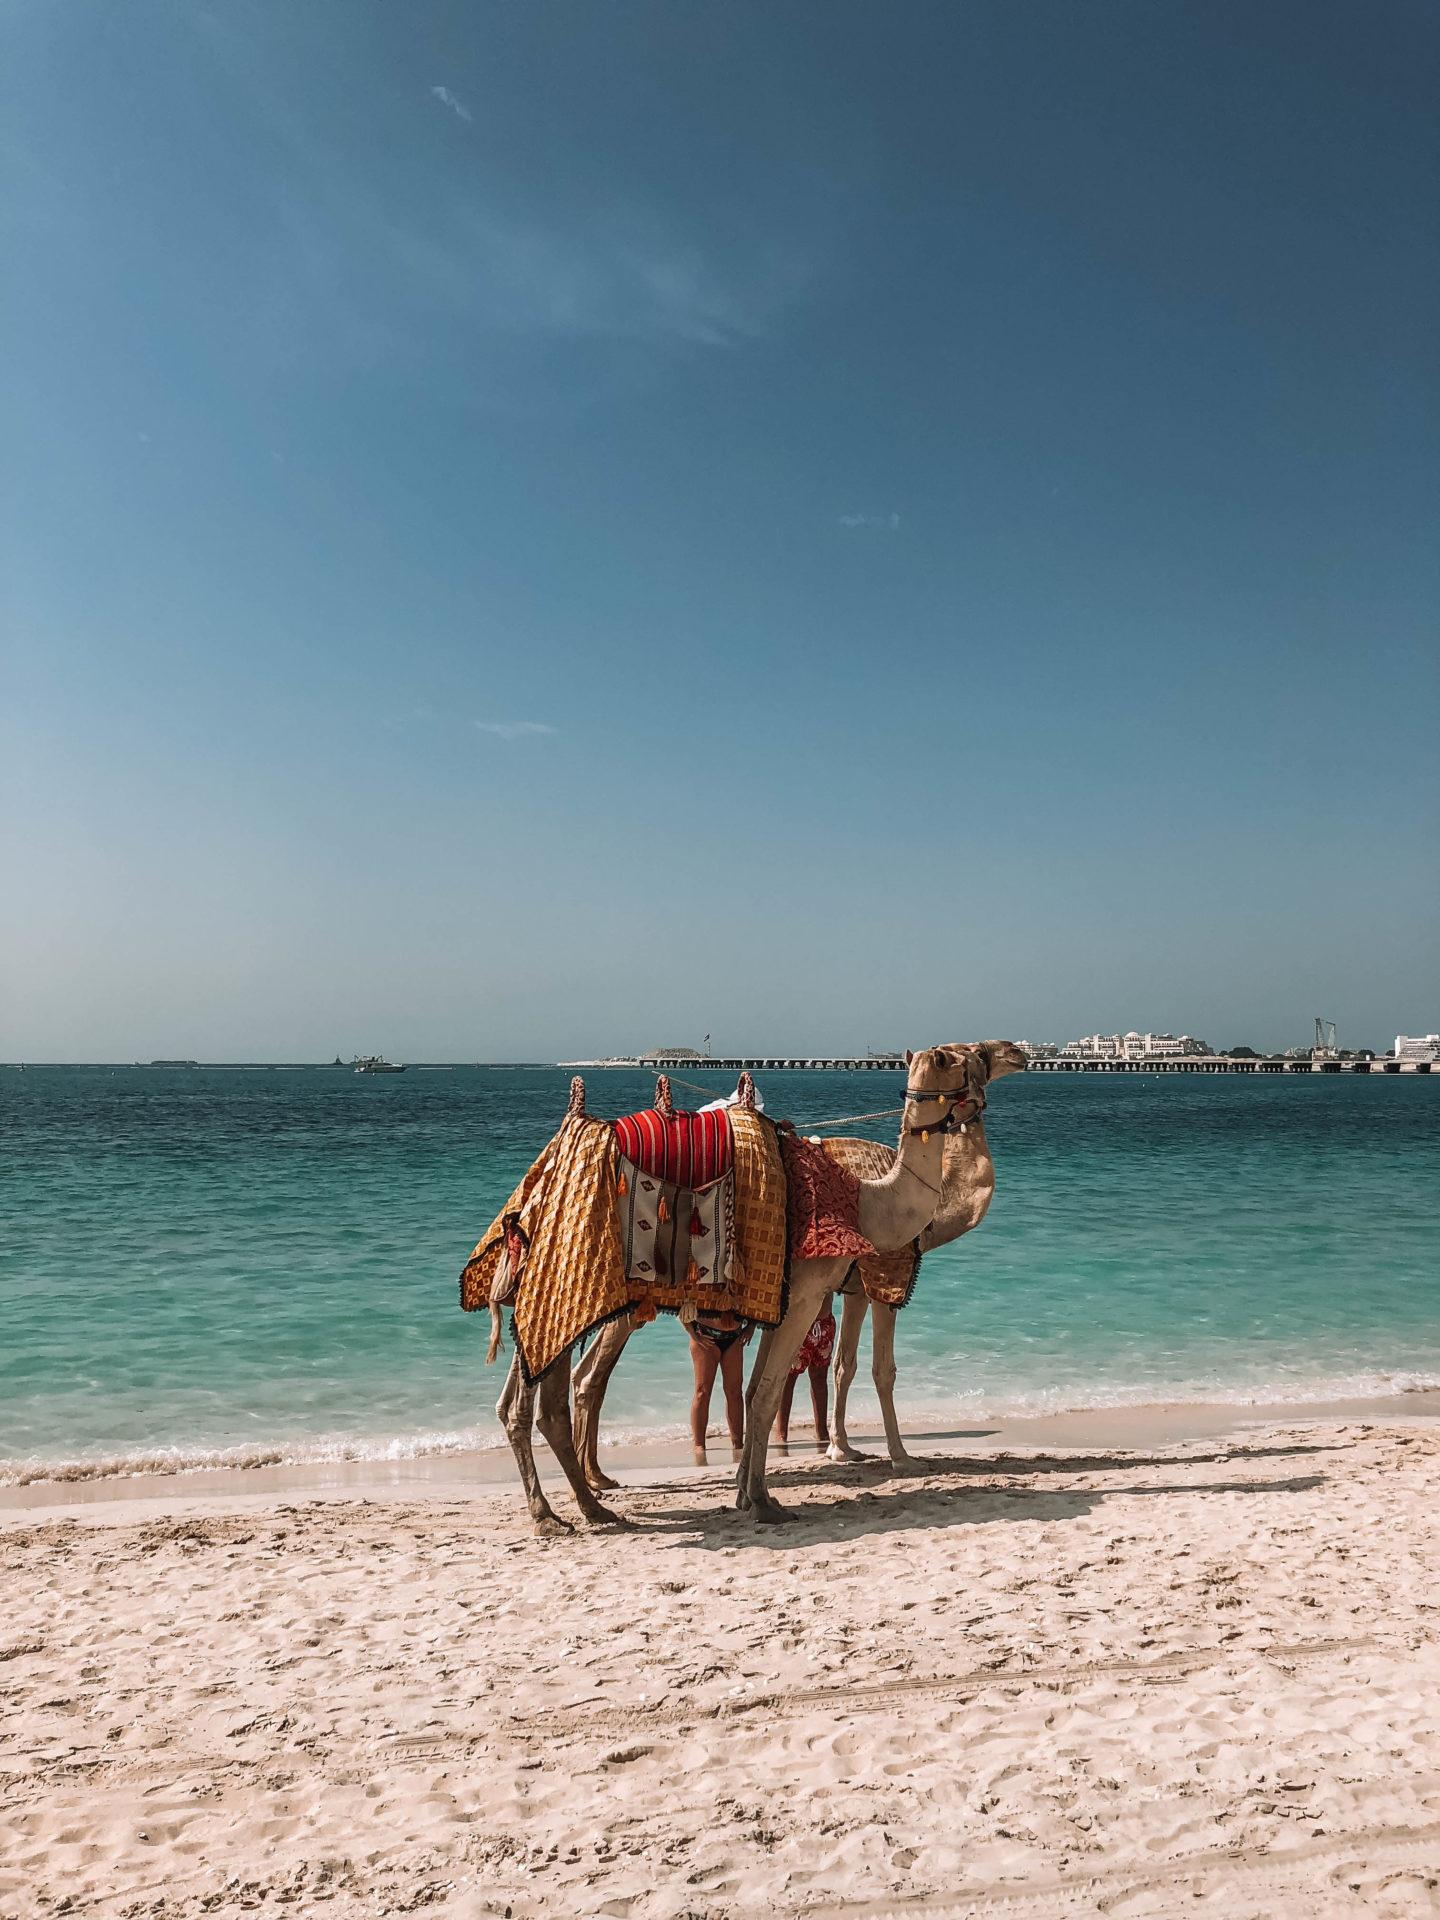 Plage de Jumeirah Dubaï - Blondie Baby blog mode et voyages